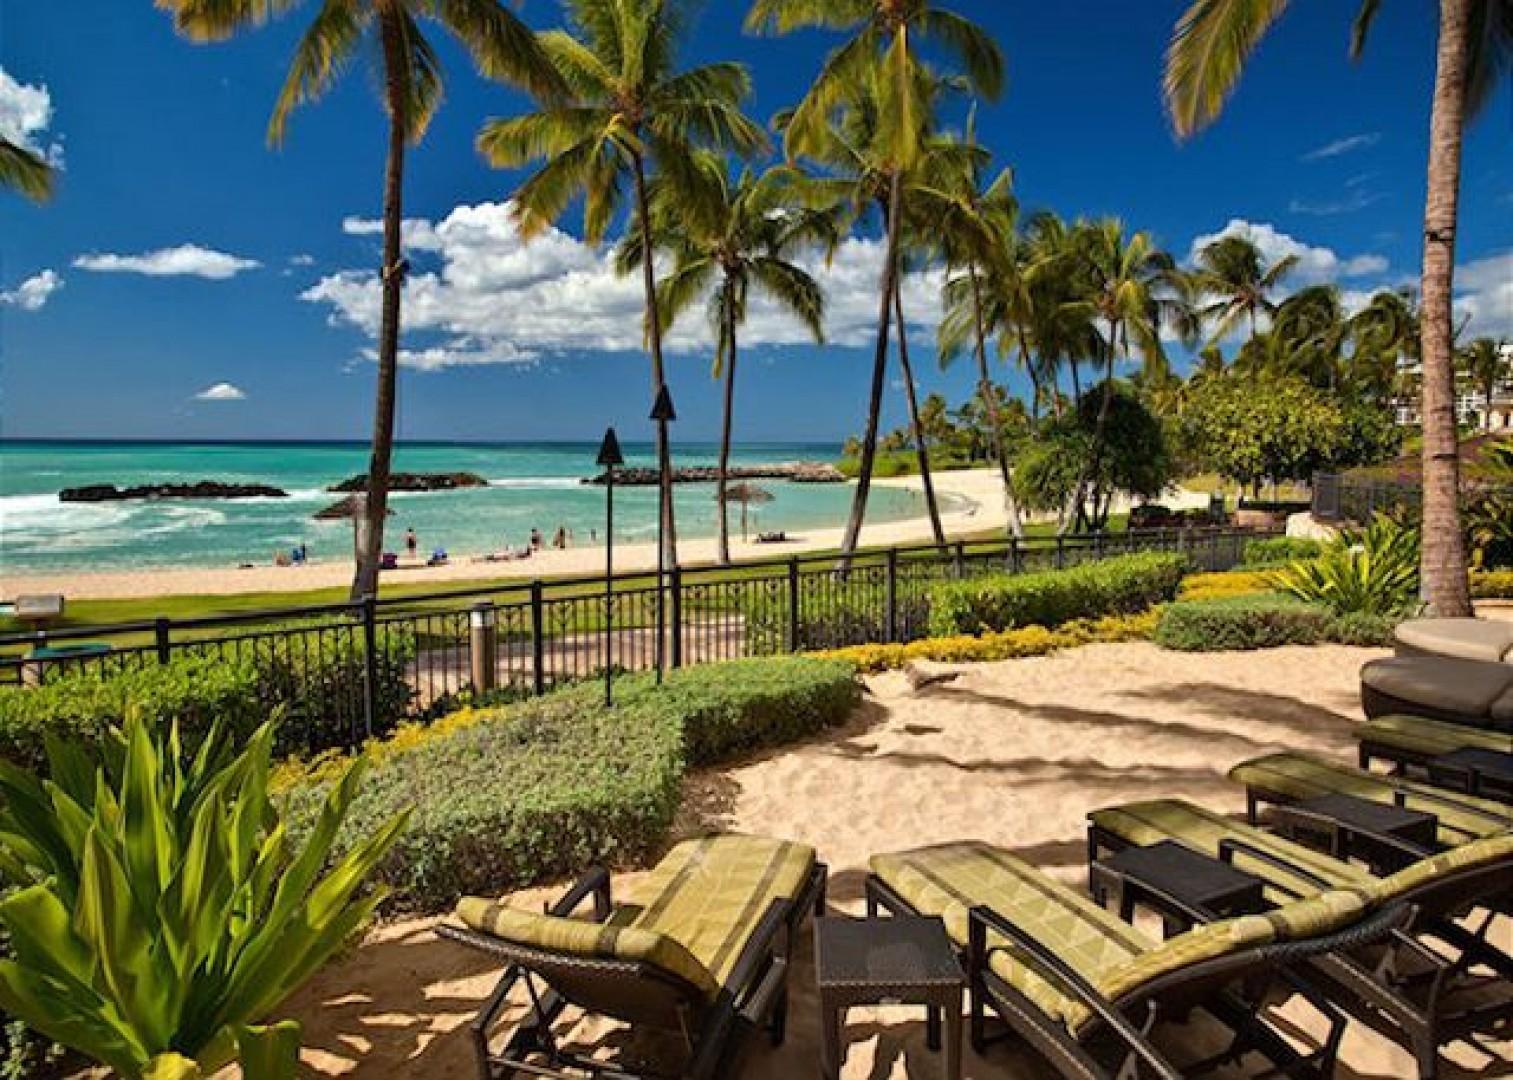 Comfortable Beach Bar Chairs at Ko Olina